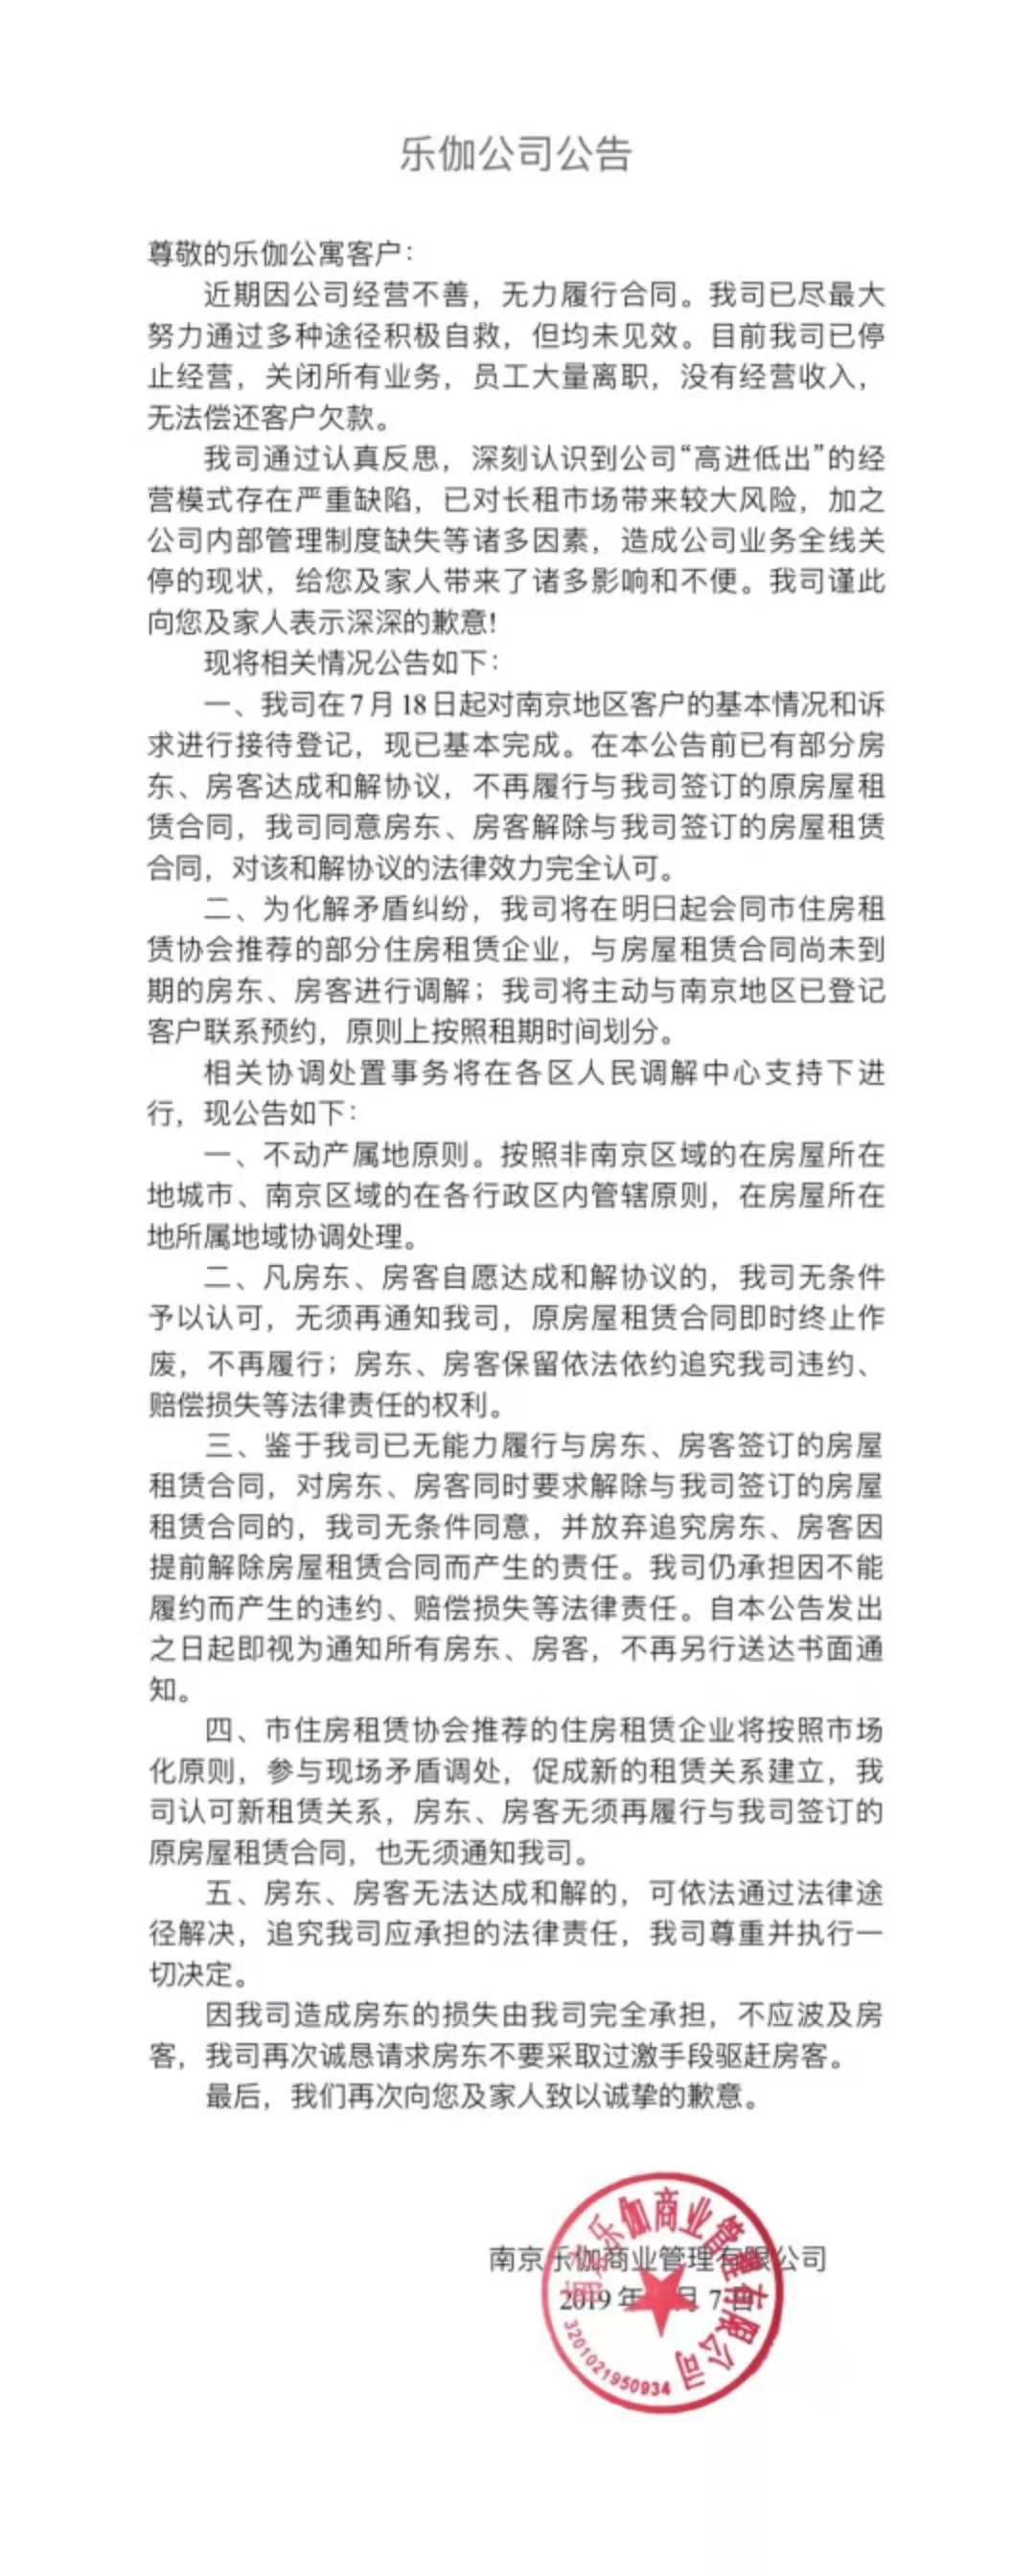 乐伽公寓倒闭上万房东和租客慌了 下一个爆雷的是哪家?-中国网地产